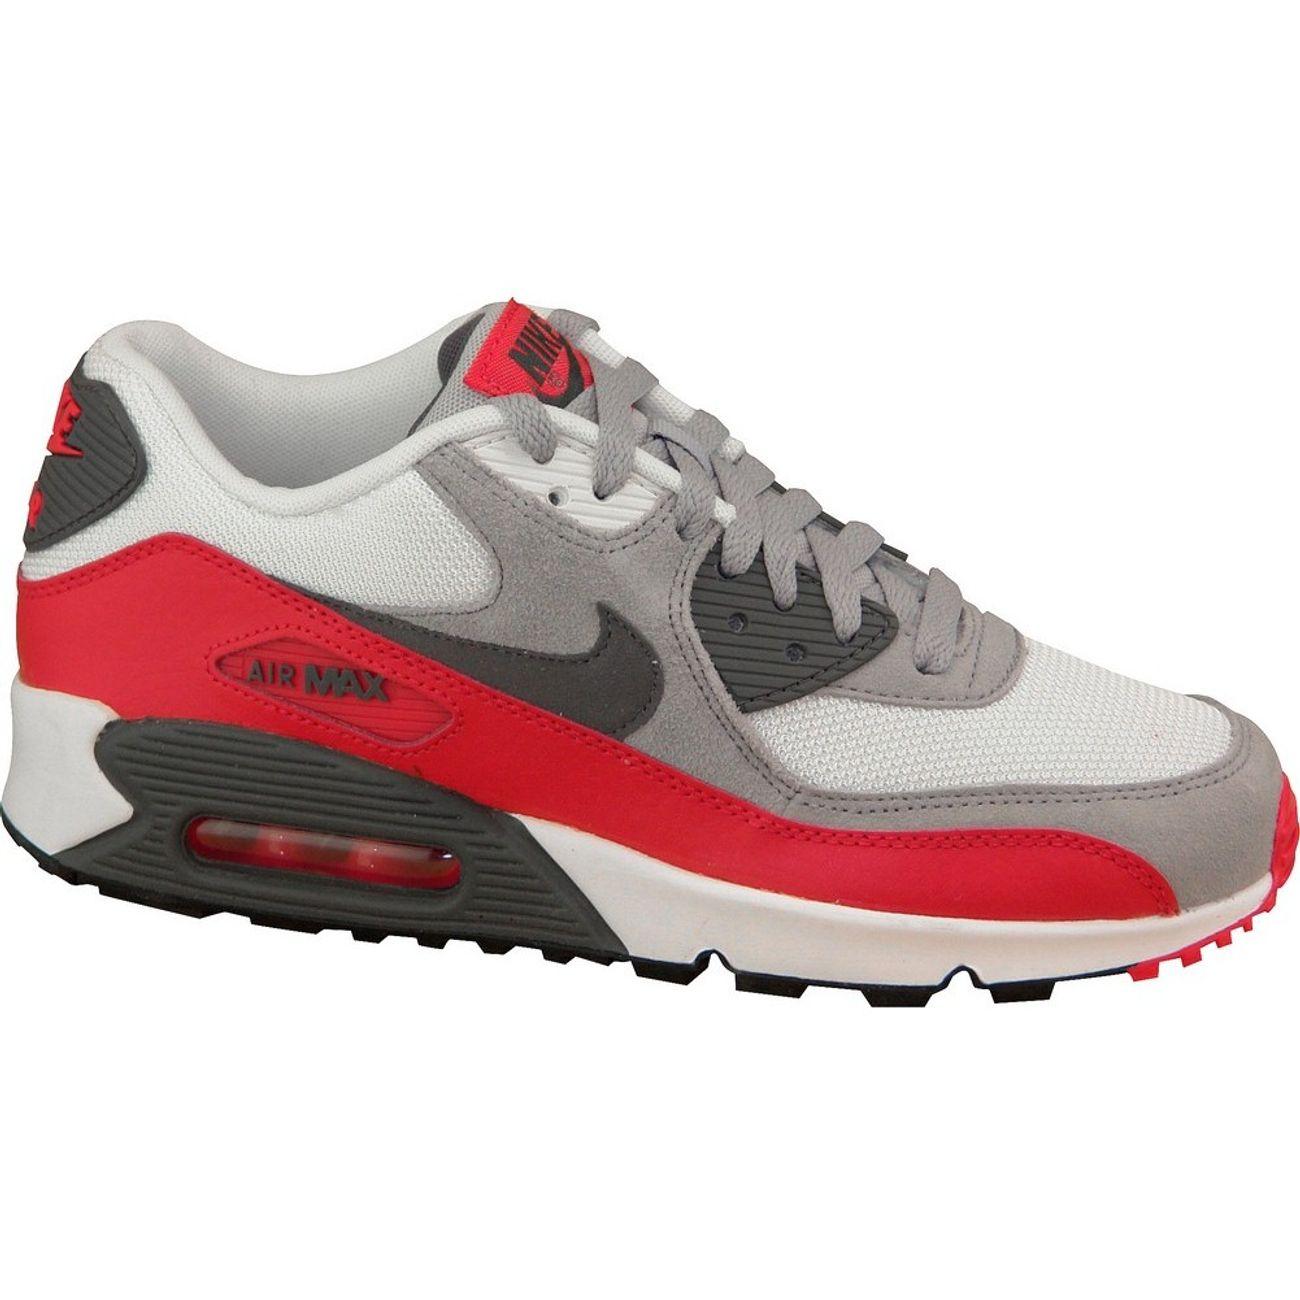 mieux aimé 96799 c8455 Mode- Lifestyle enfant NIKE Nike Air Max 90 Gs 705499-003 U Baskets  Blanc,Gris,Rouge